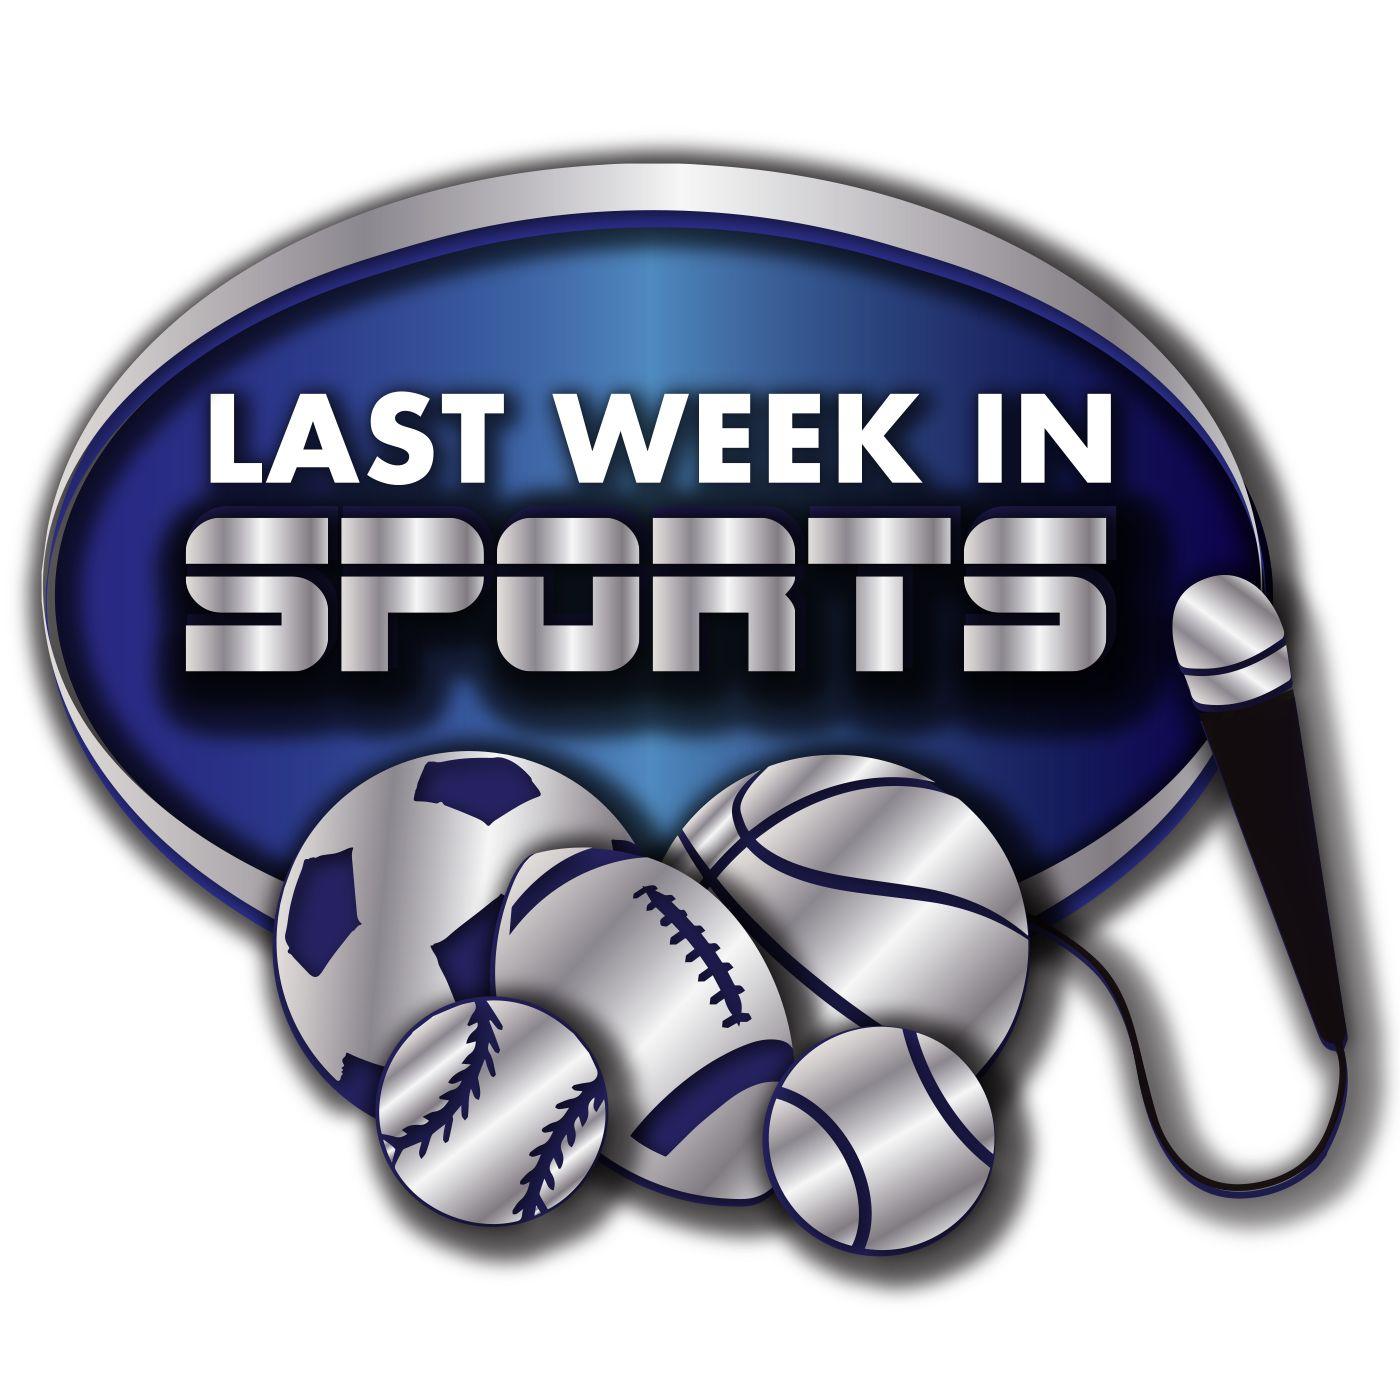 Last Week in Sports